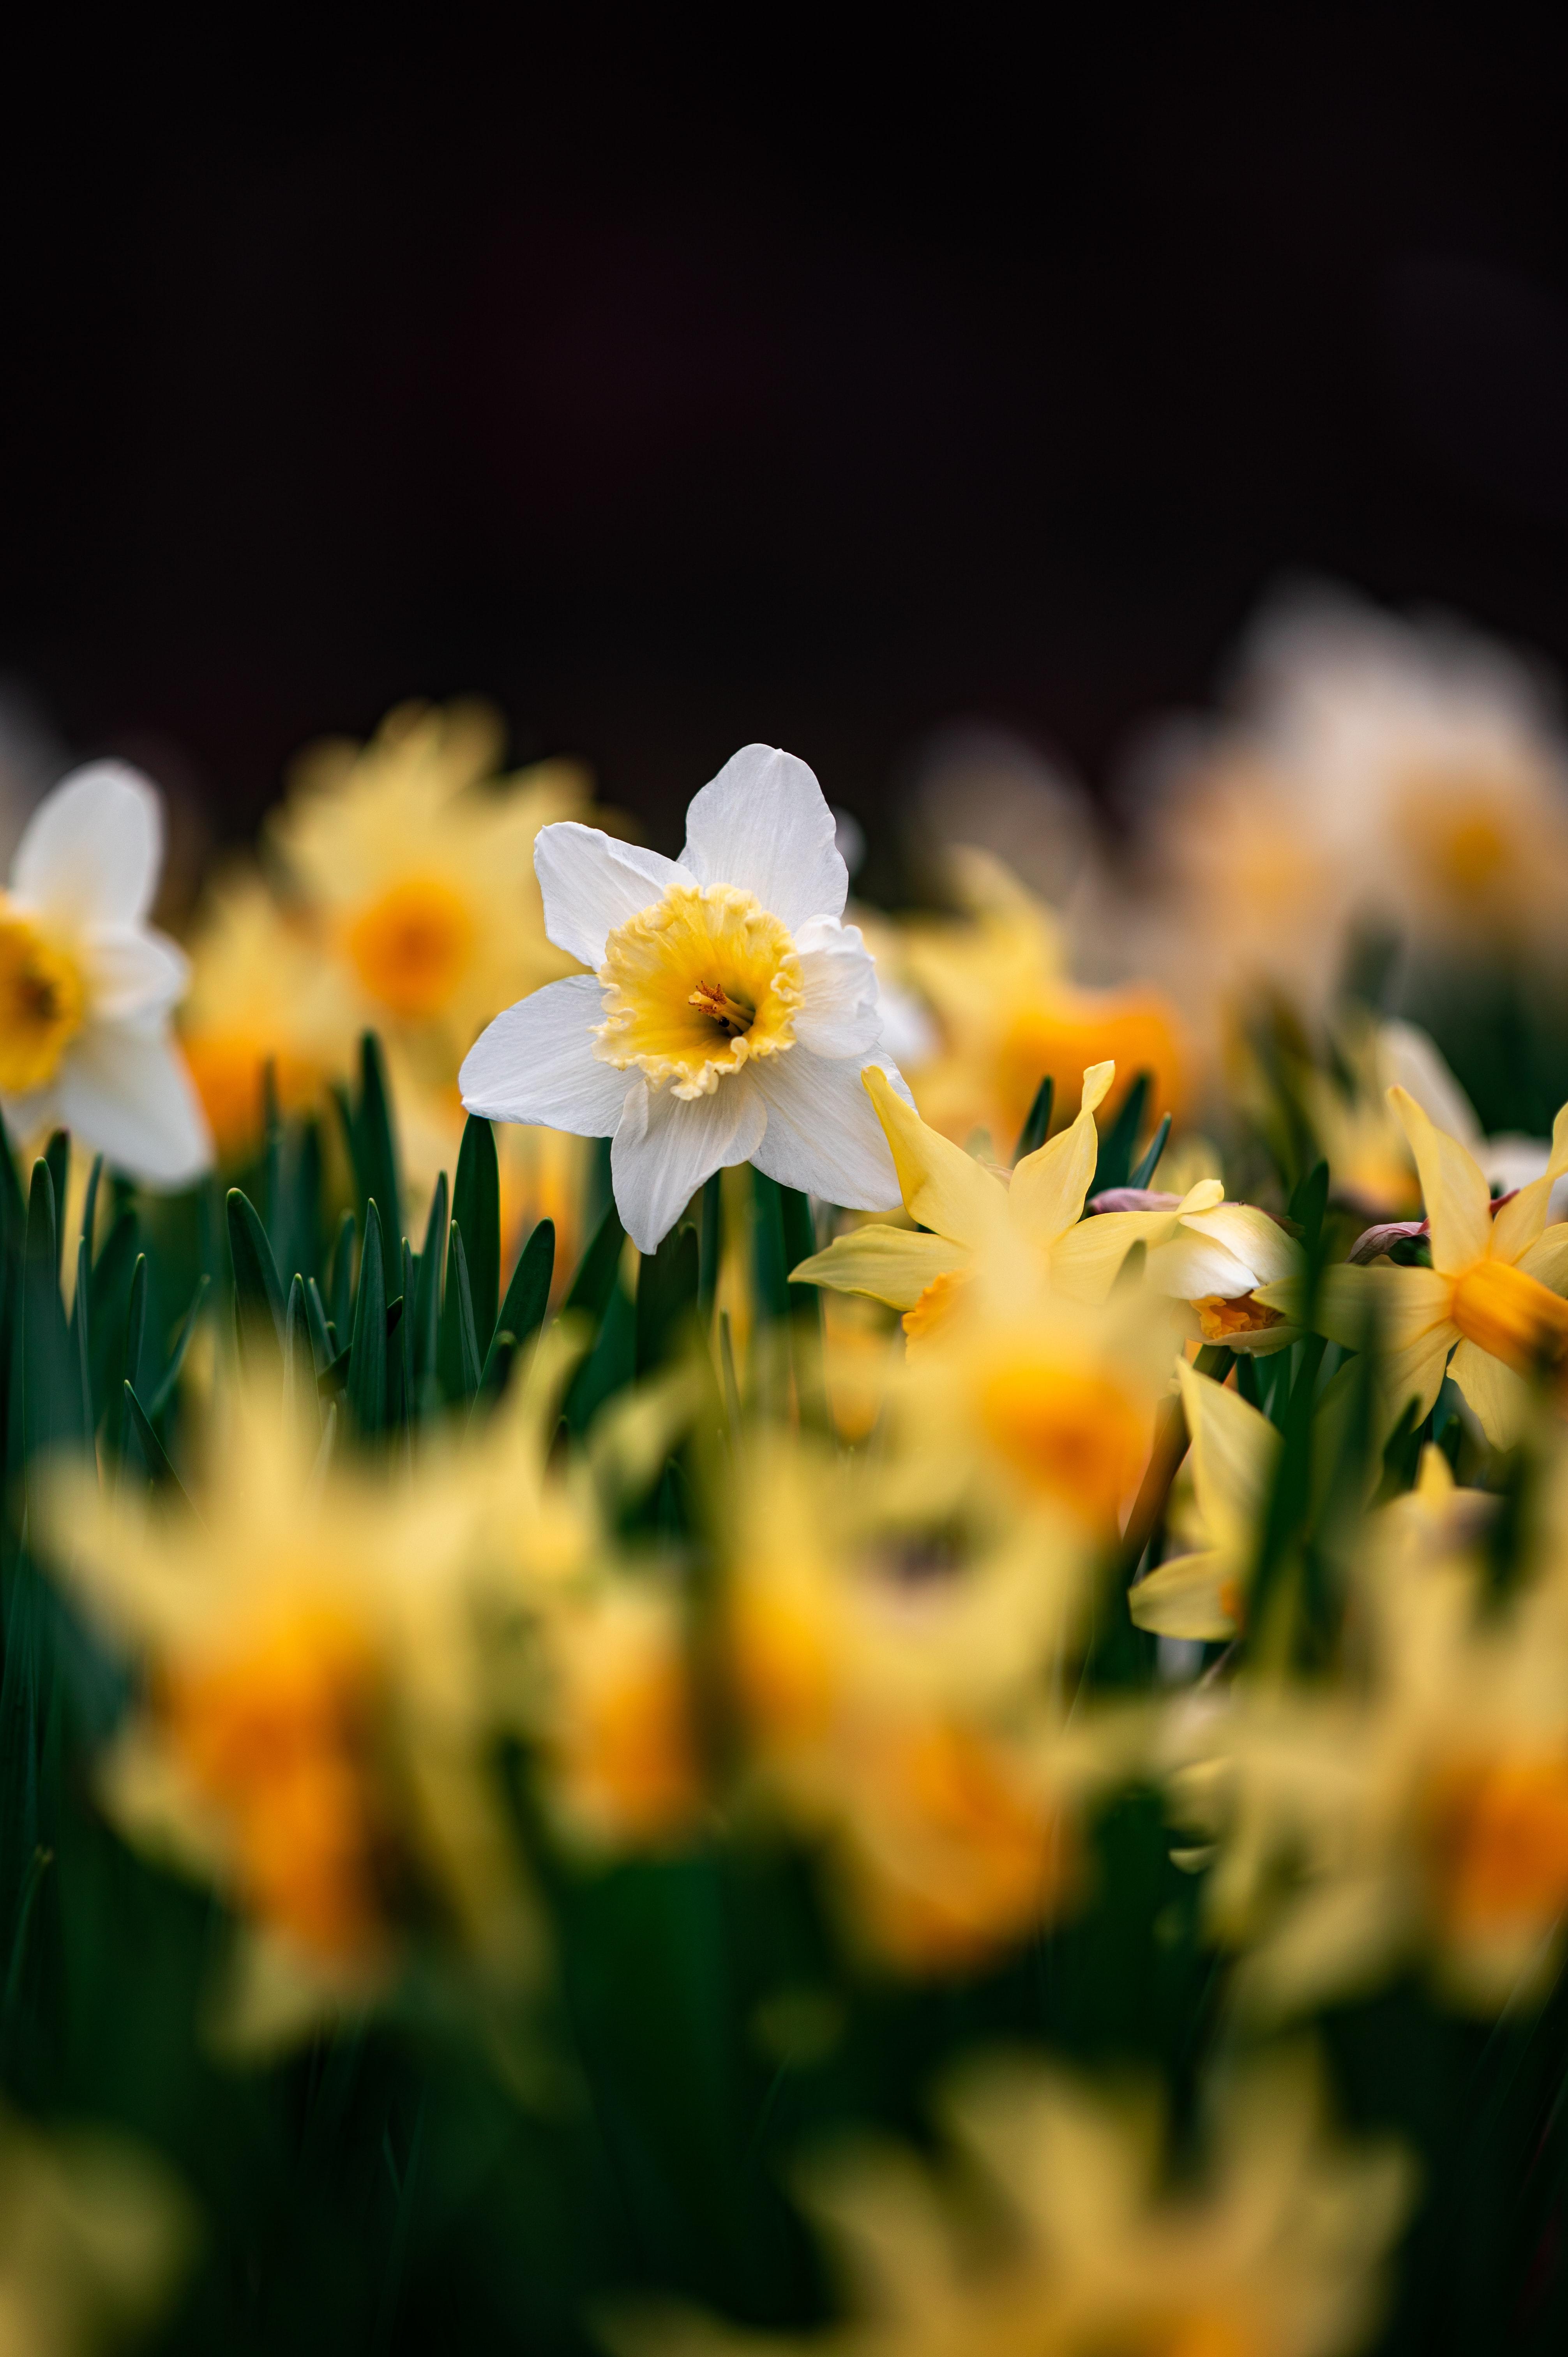 128040 Заставки и Обои Нарциссы на телефон. Скачать Цветы, Нарциссы, Макро, Фокус картинки бесплатно